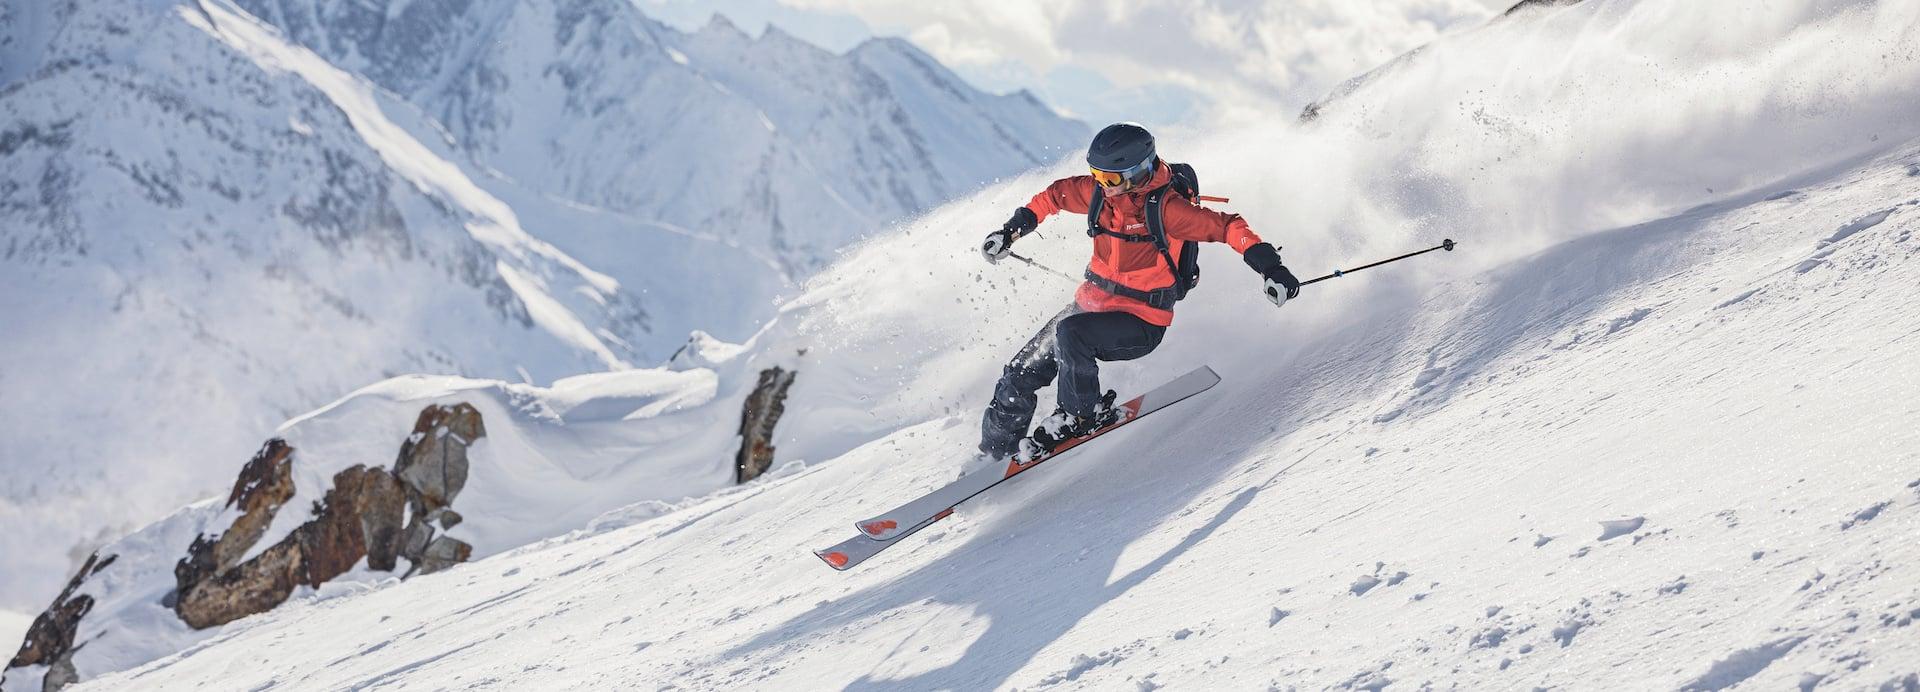 First Class Ski-Service